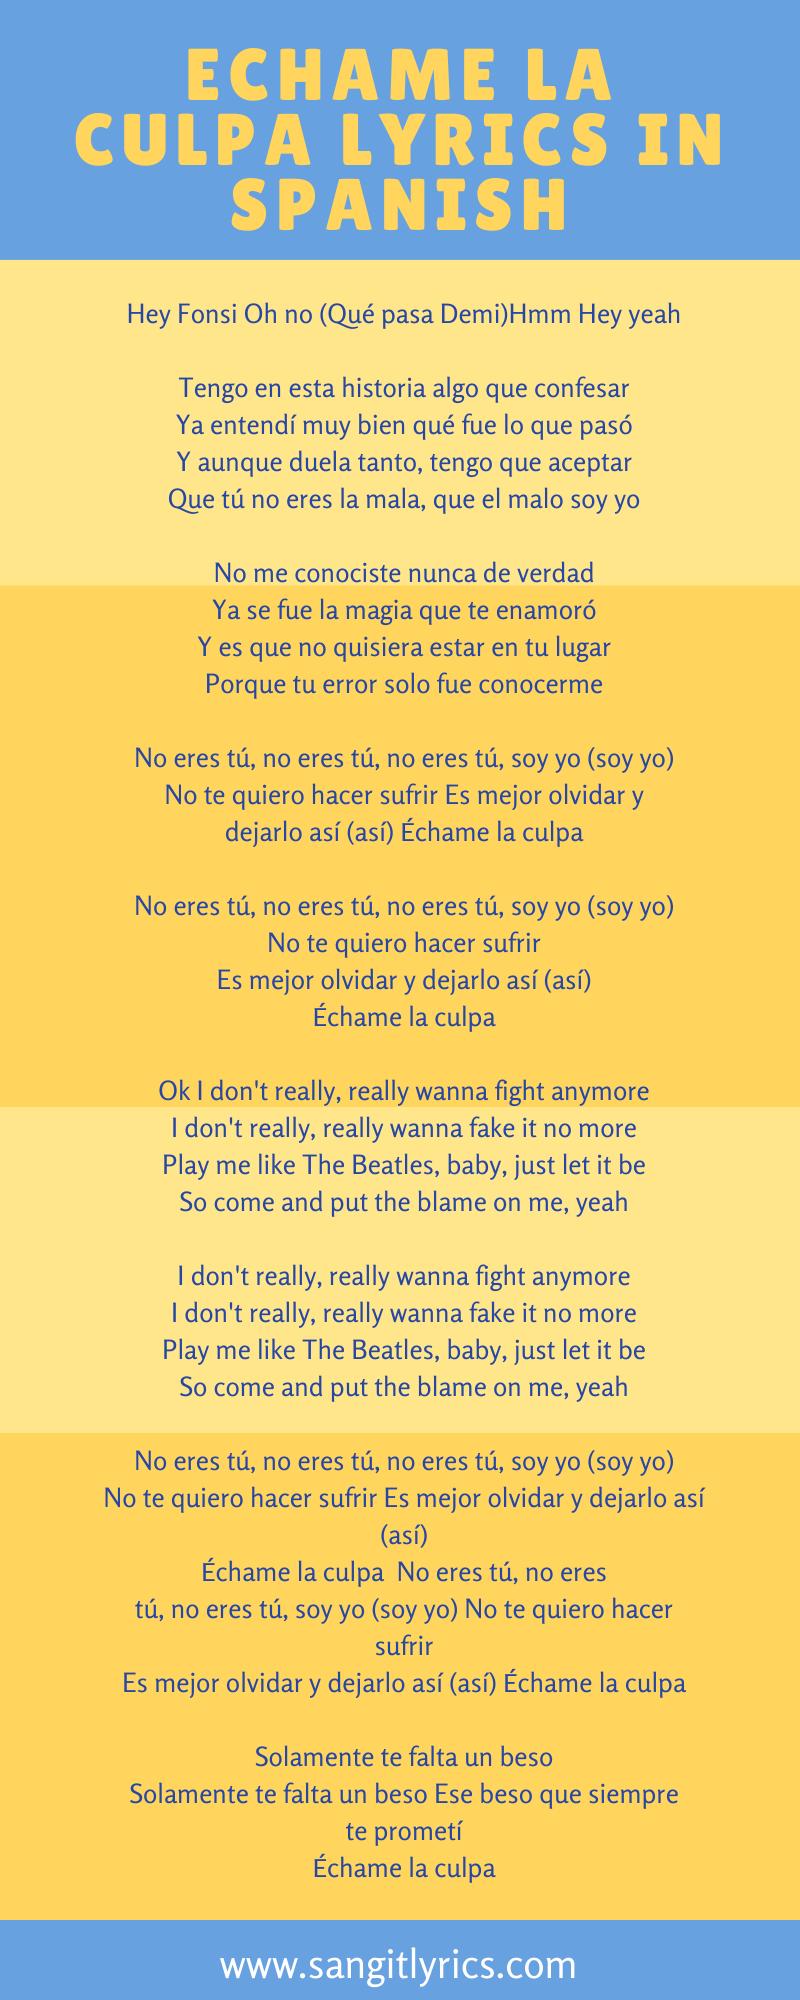 Un Beso Lyrics In English : lyrics, english, Muevelo, Daddy, Yankee, Lyrics|Nicky, (English+, Spanish), Ankit, Medium